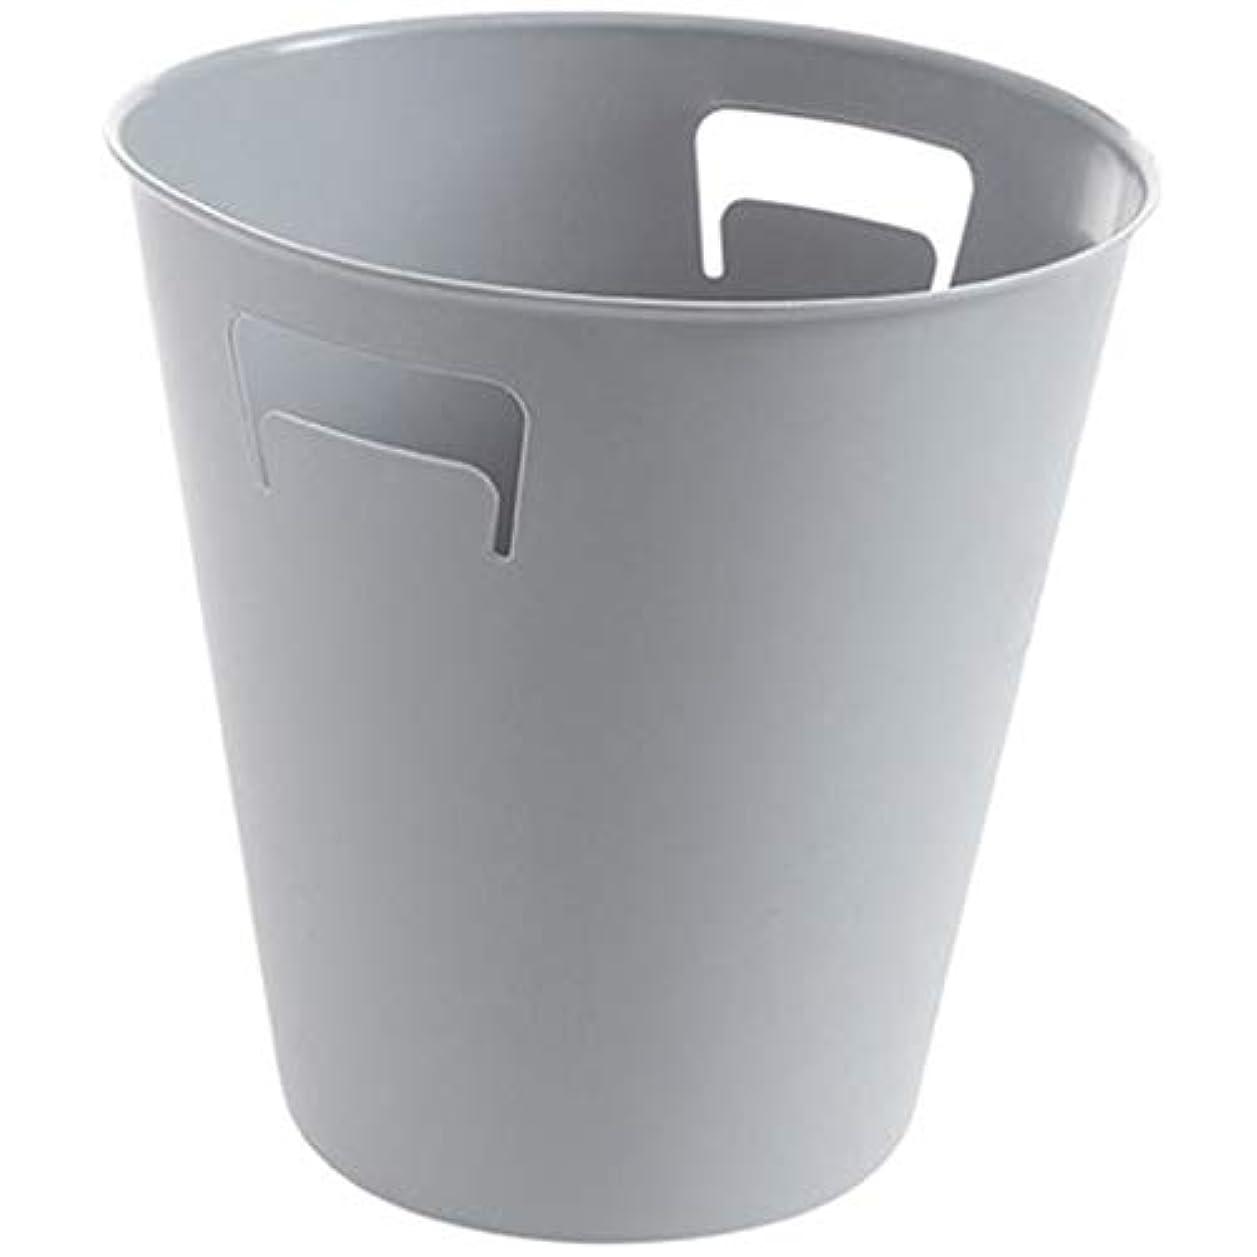 ファブリックシマウマトラフィックIUYWLごみ箱 いいえ圧力リング丸ゴミ箱ゴミ箱pressureキッチン浴室家庭用プラスチックゴミ箱ゴミ箱 IUYWLごみ箱 (Color : Gray)